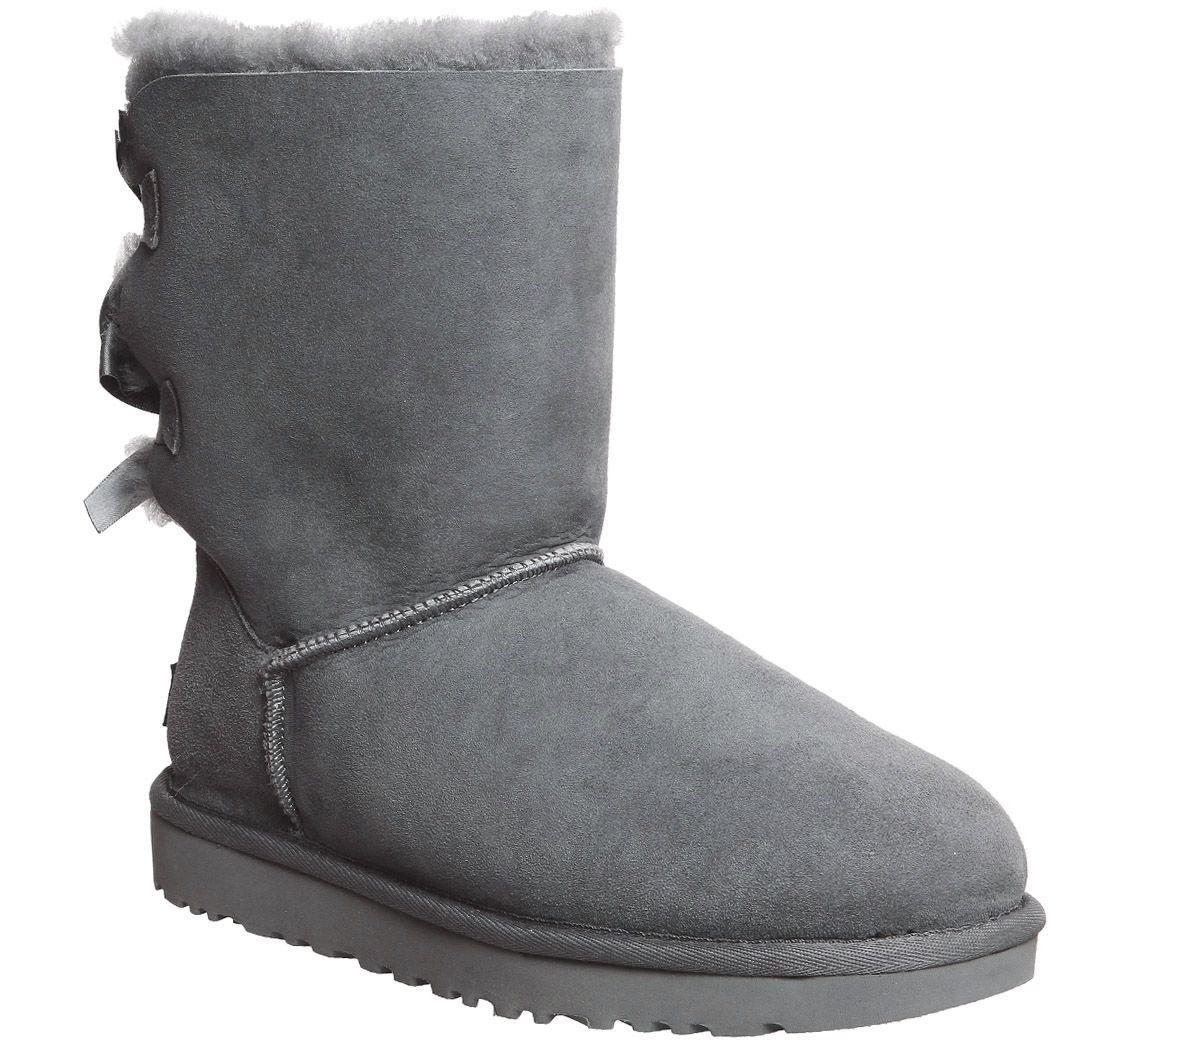 81c34b2c740 Bailey Bow Ii Calf Boots